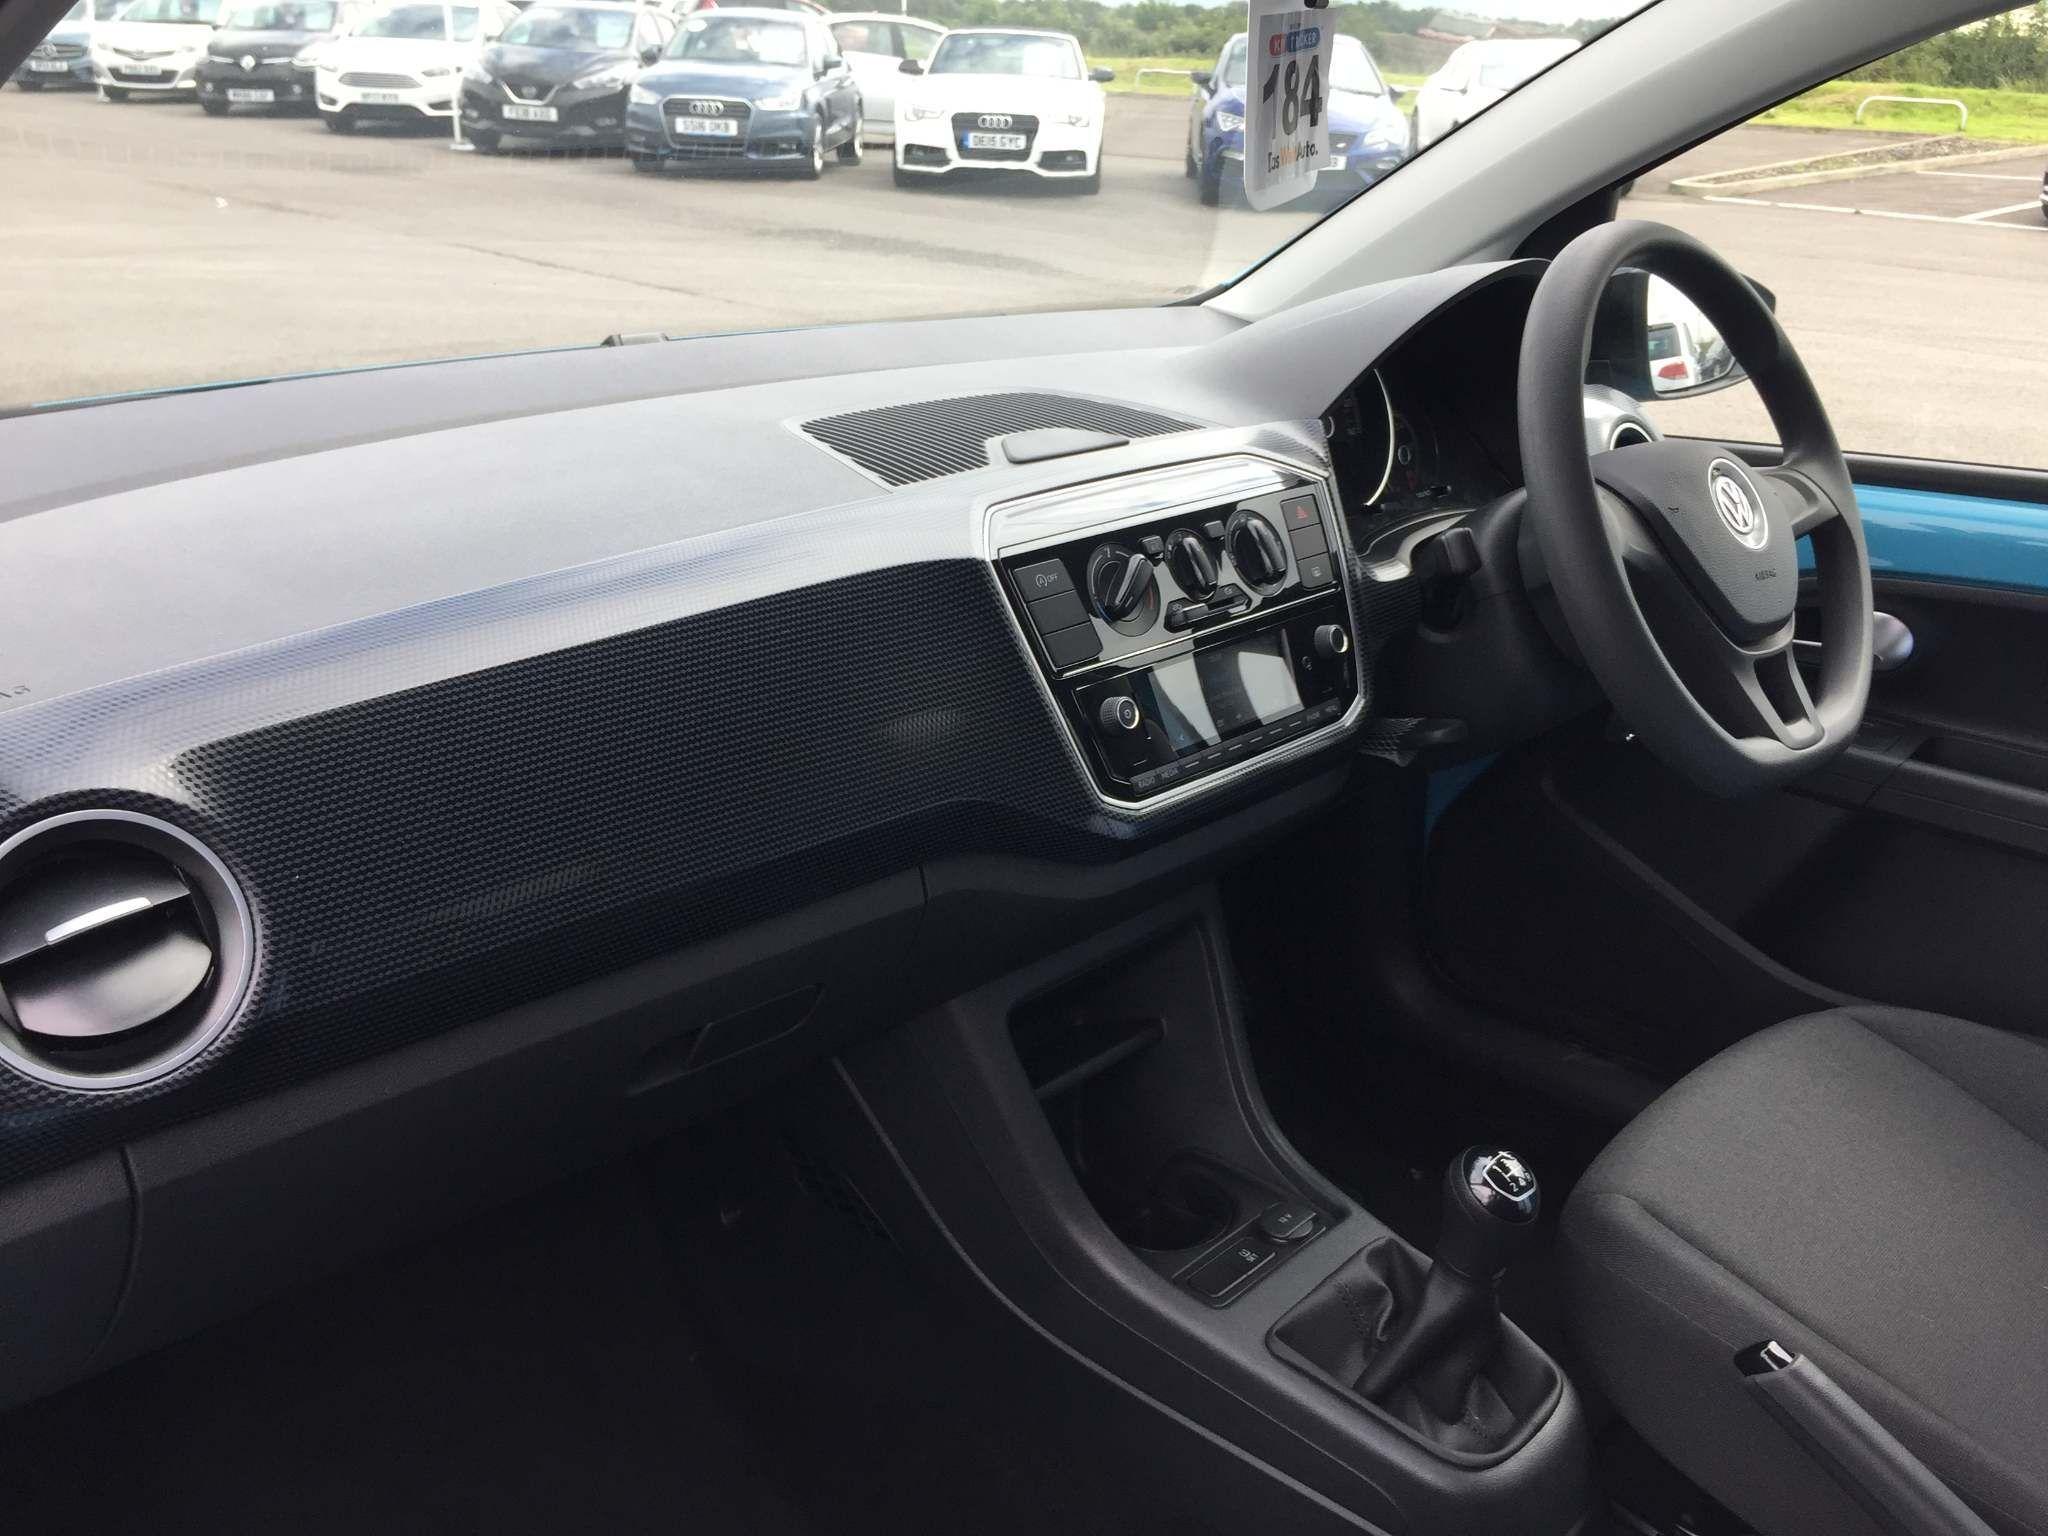 Volkswagen up! Images